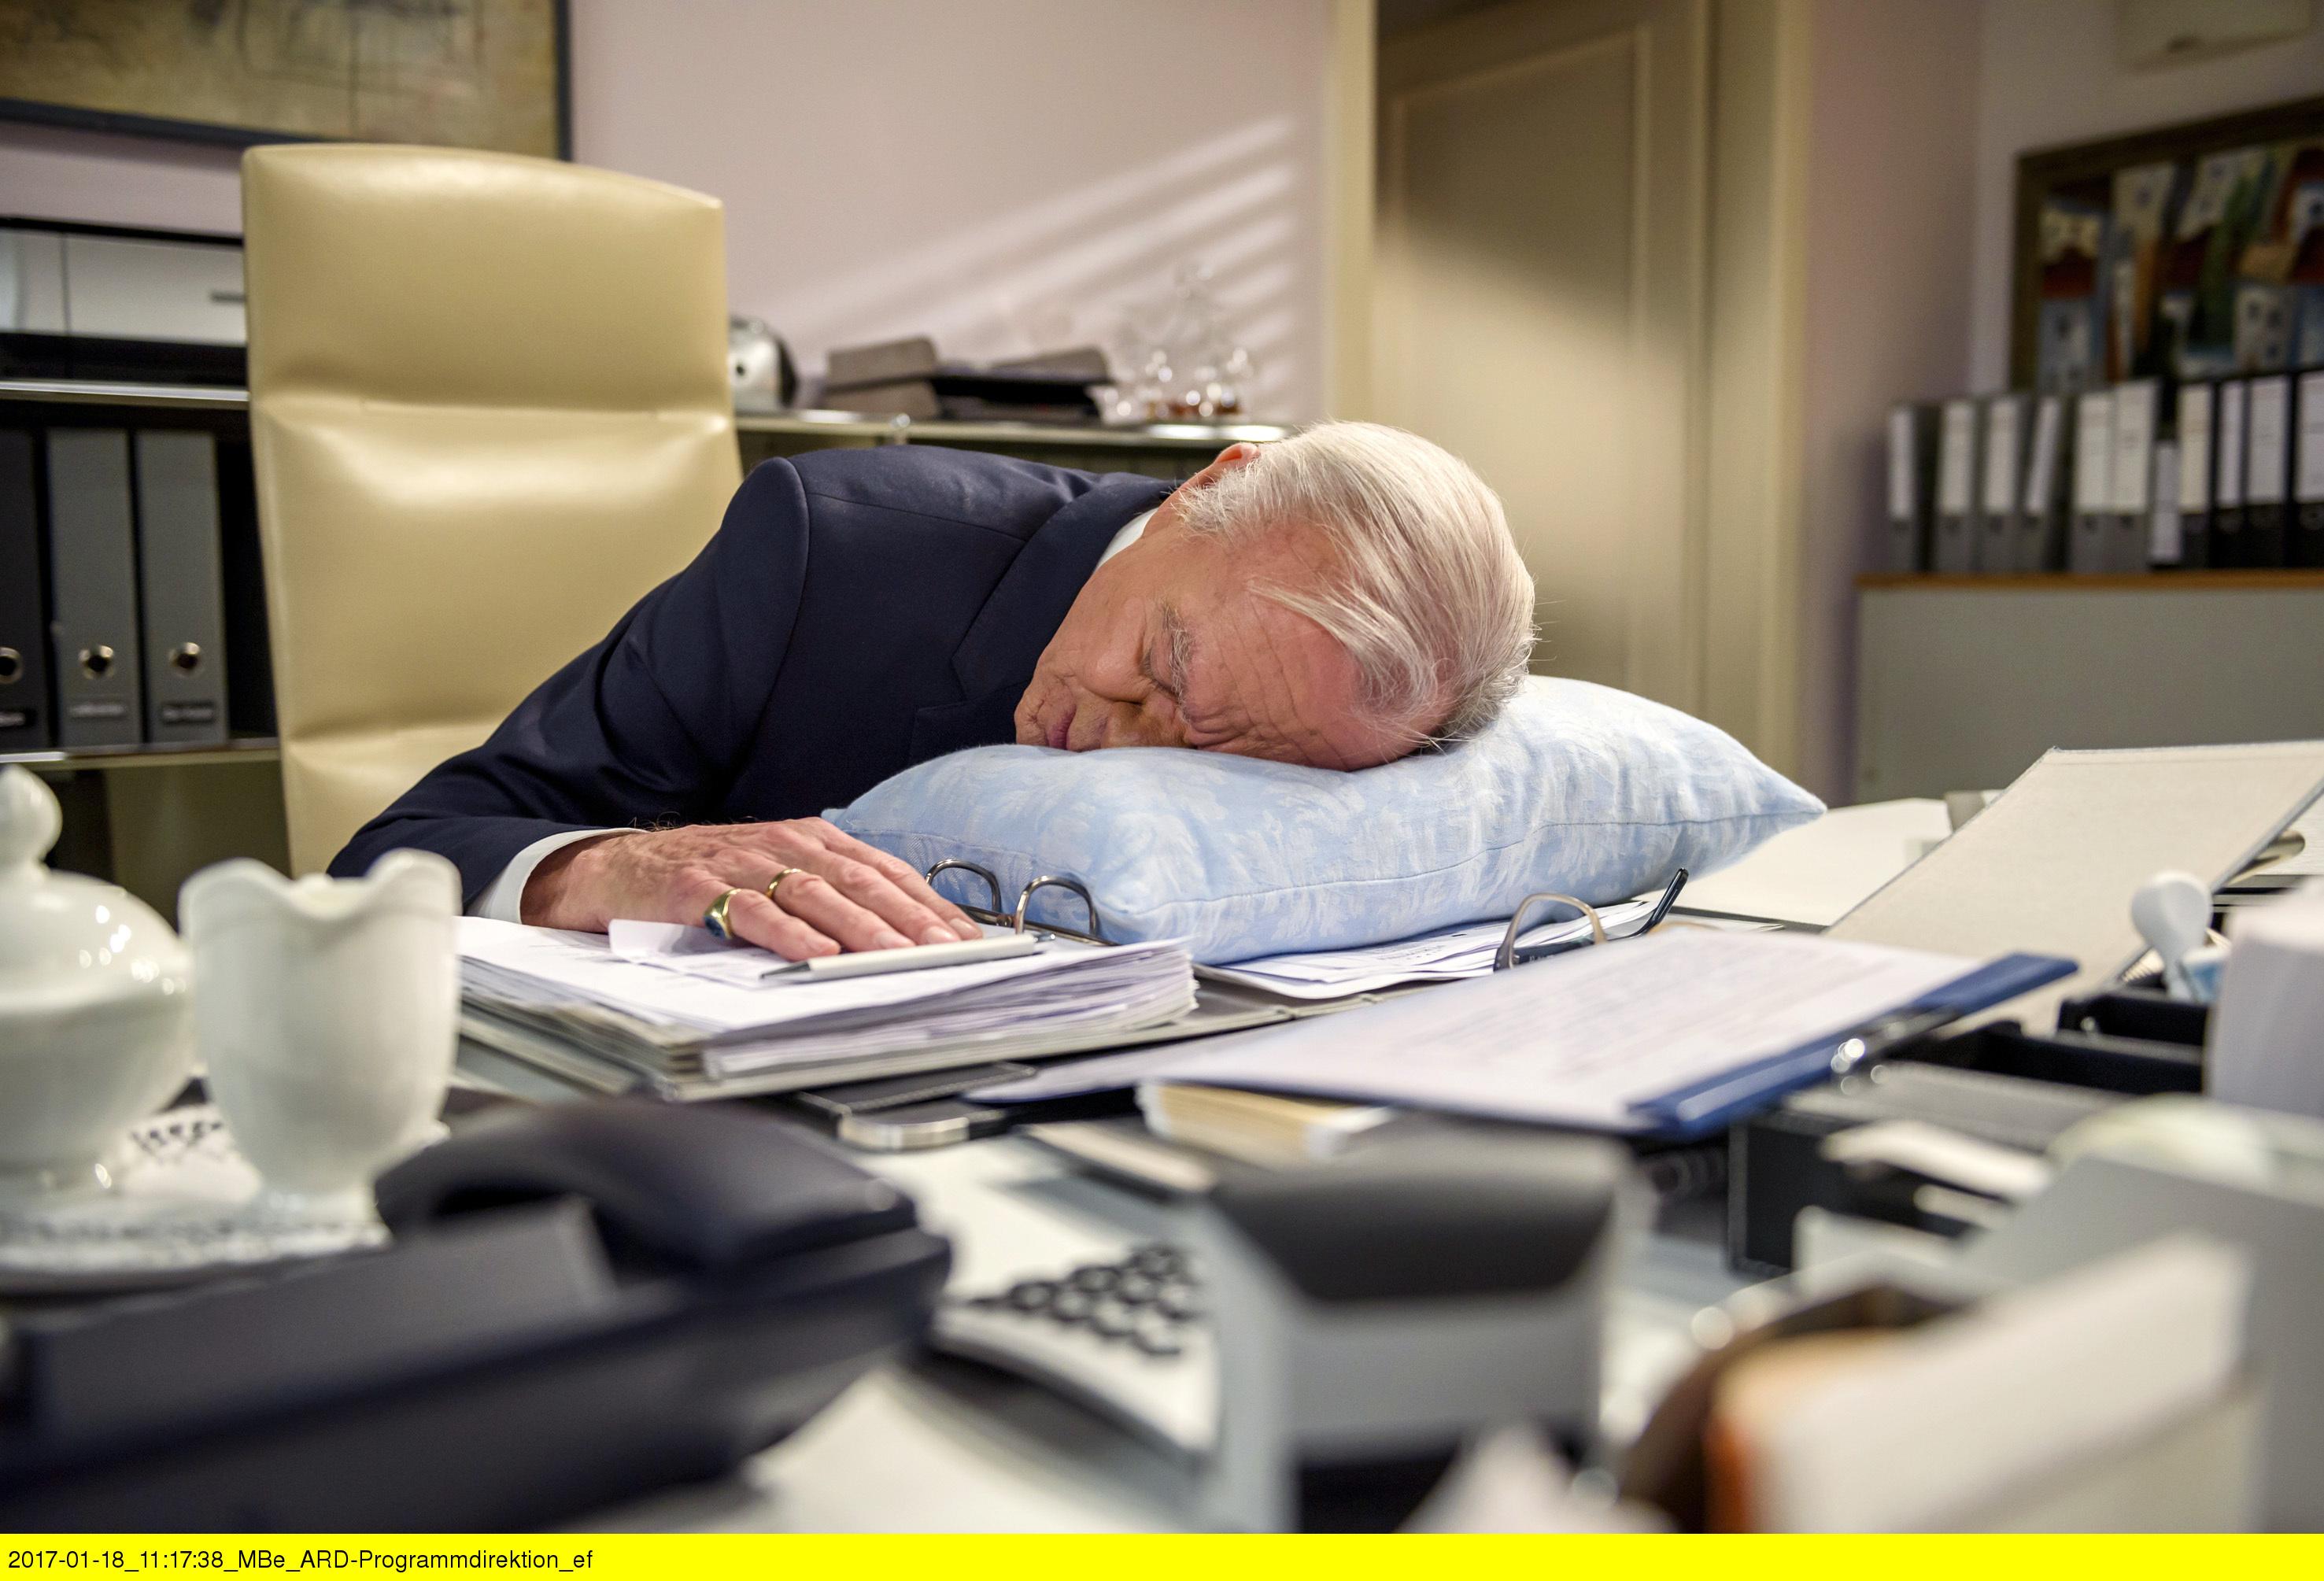 ARD STURM DER LIEBE FOLGE 2641, am Montag (06.03.17) um 15:10 Uhr im ERSTEN. Werner (Dirk Galuba) schläft im Büro ein. (Quelle: ARD/Christof Arnold)